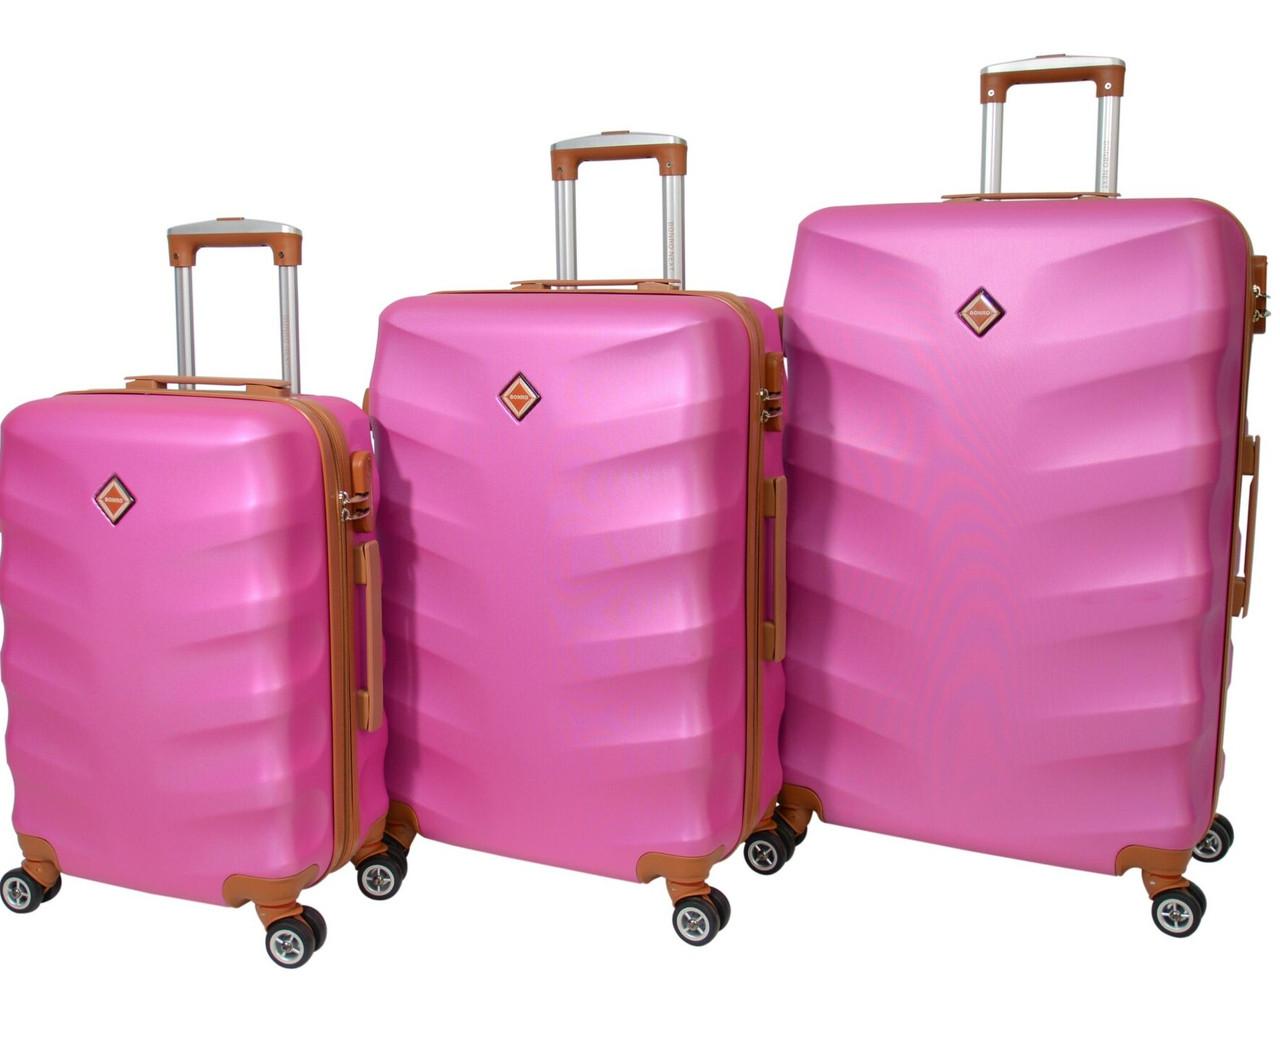 Чемодан Bonro Next набор 3 штуки, цвет розовый